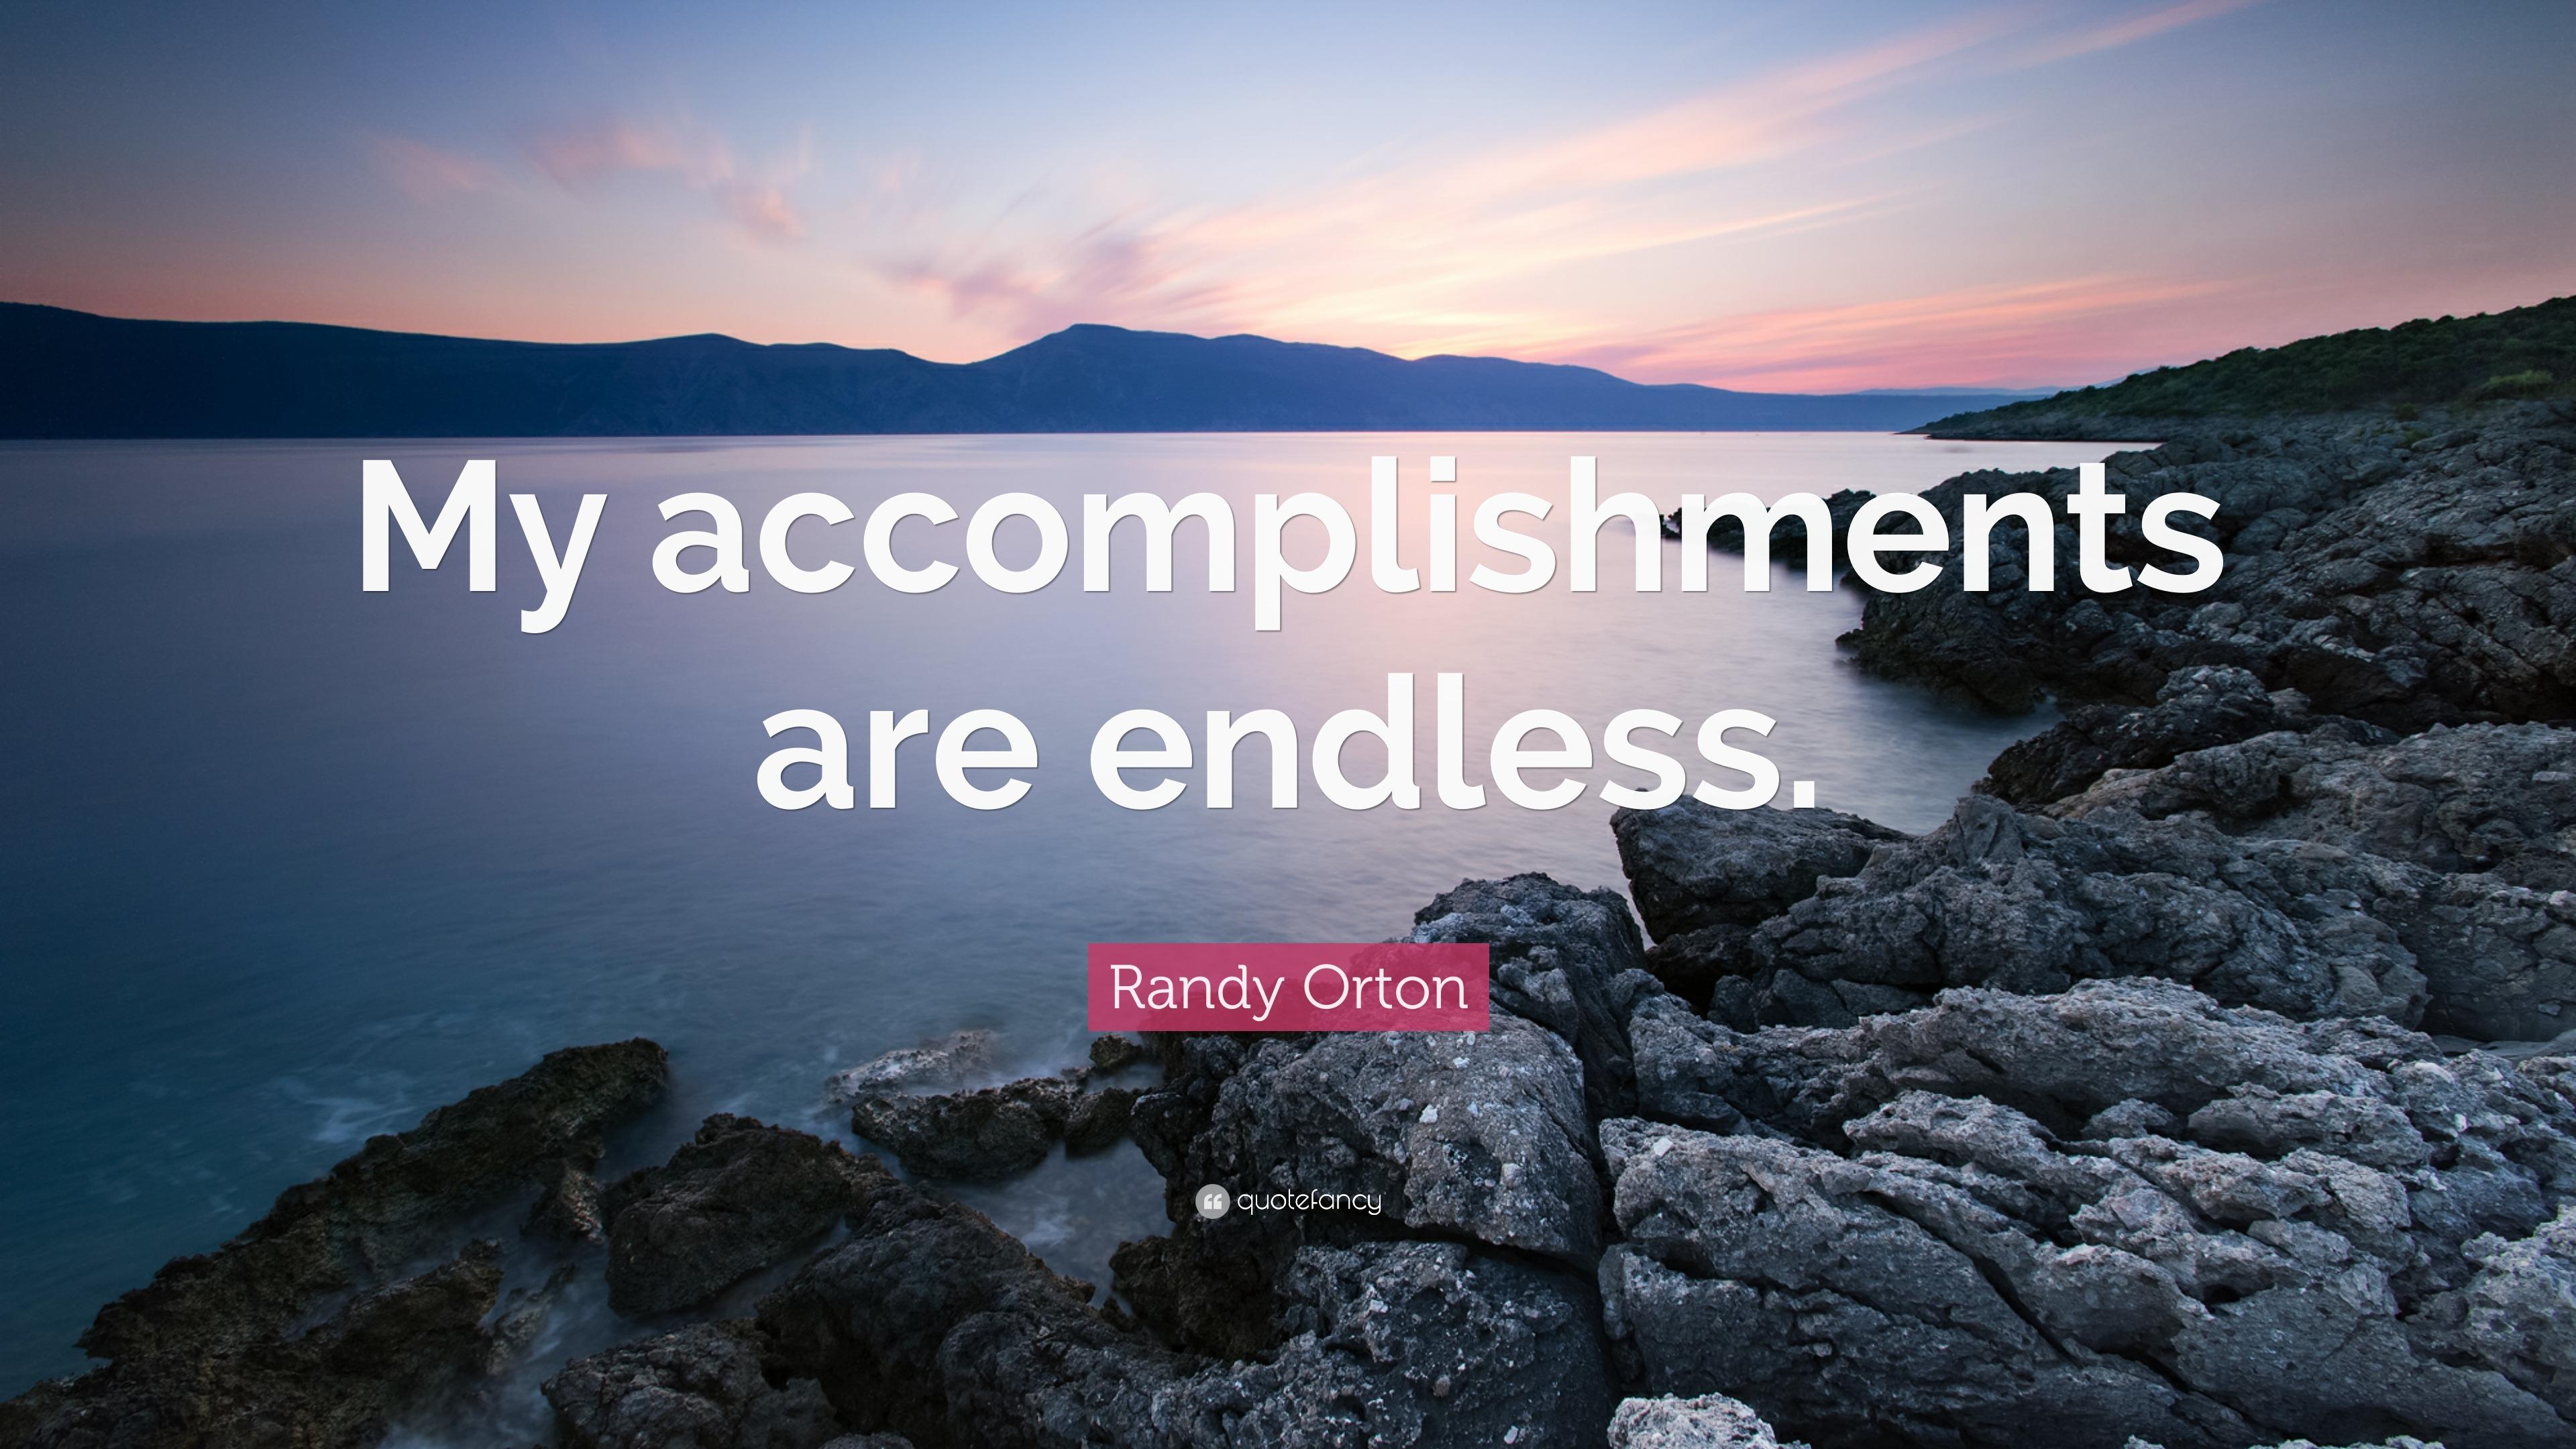 randy orton quote my accomplishments are endless  randy orton quote my accomplishments are endless